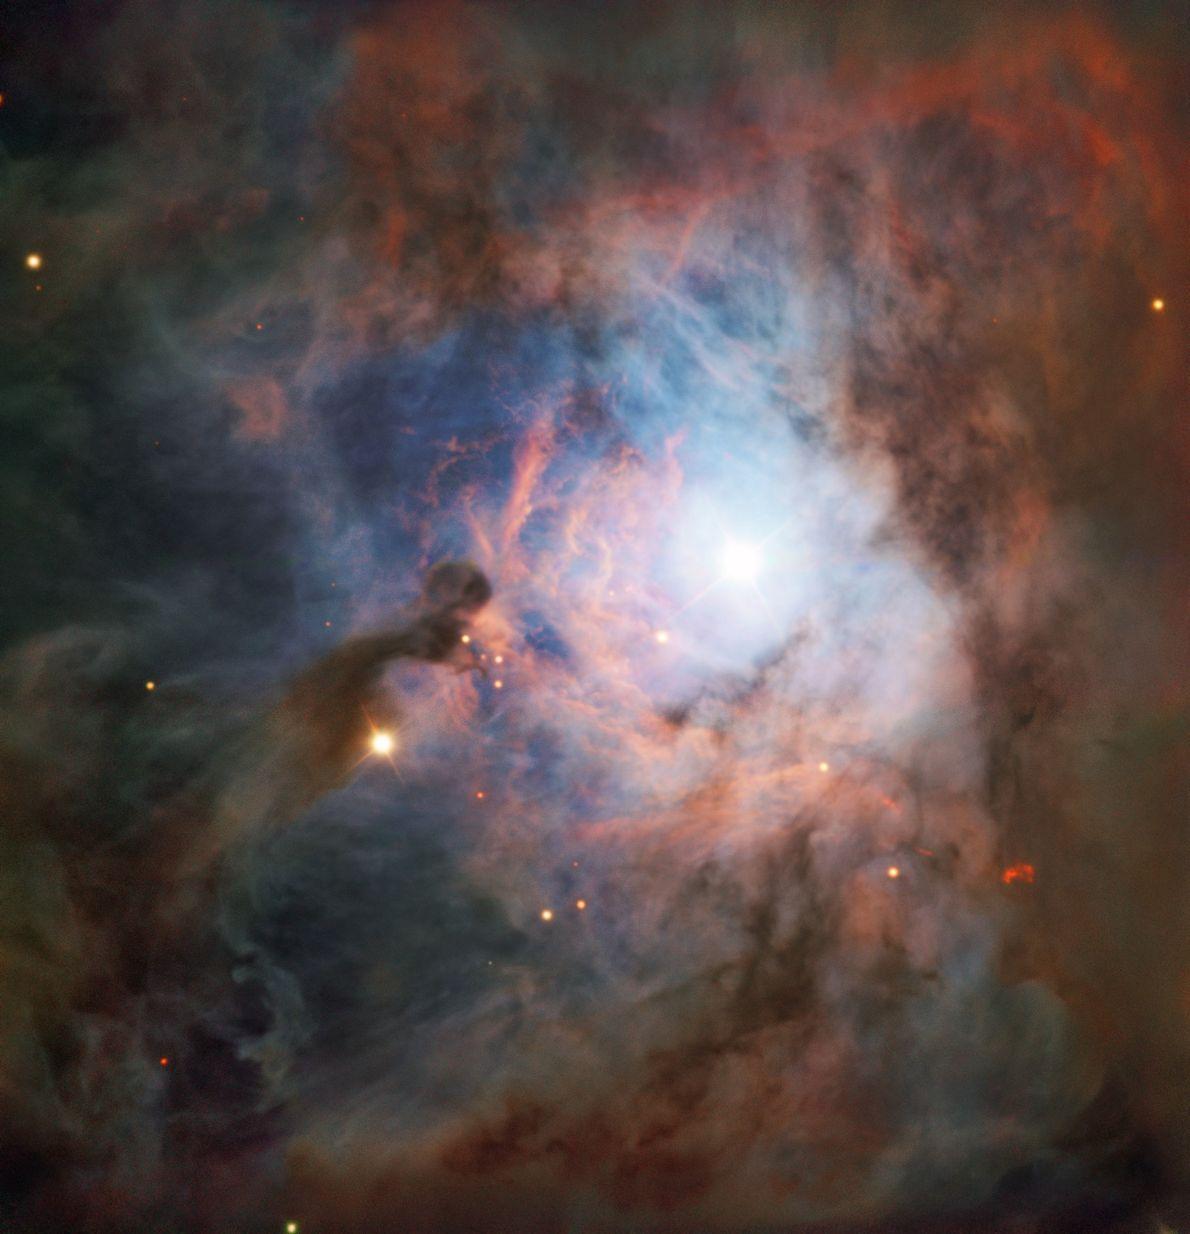 NGC 2023